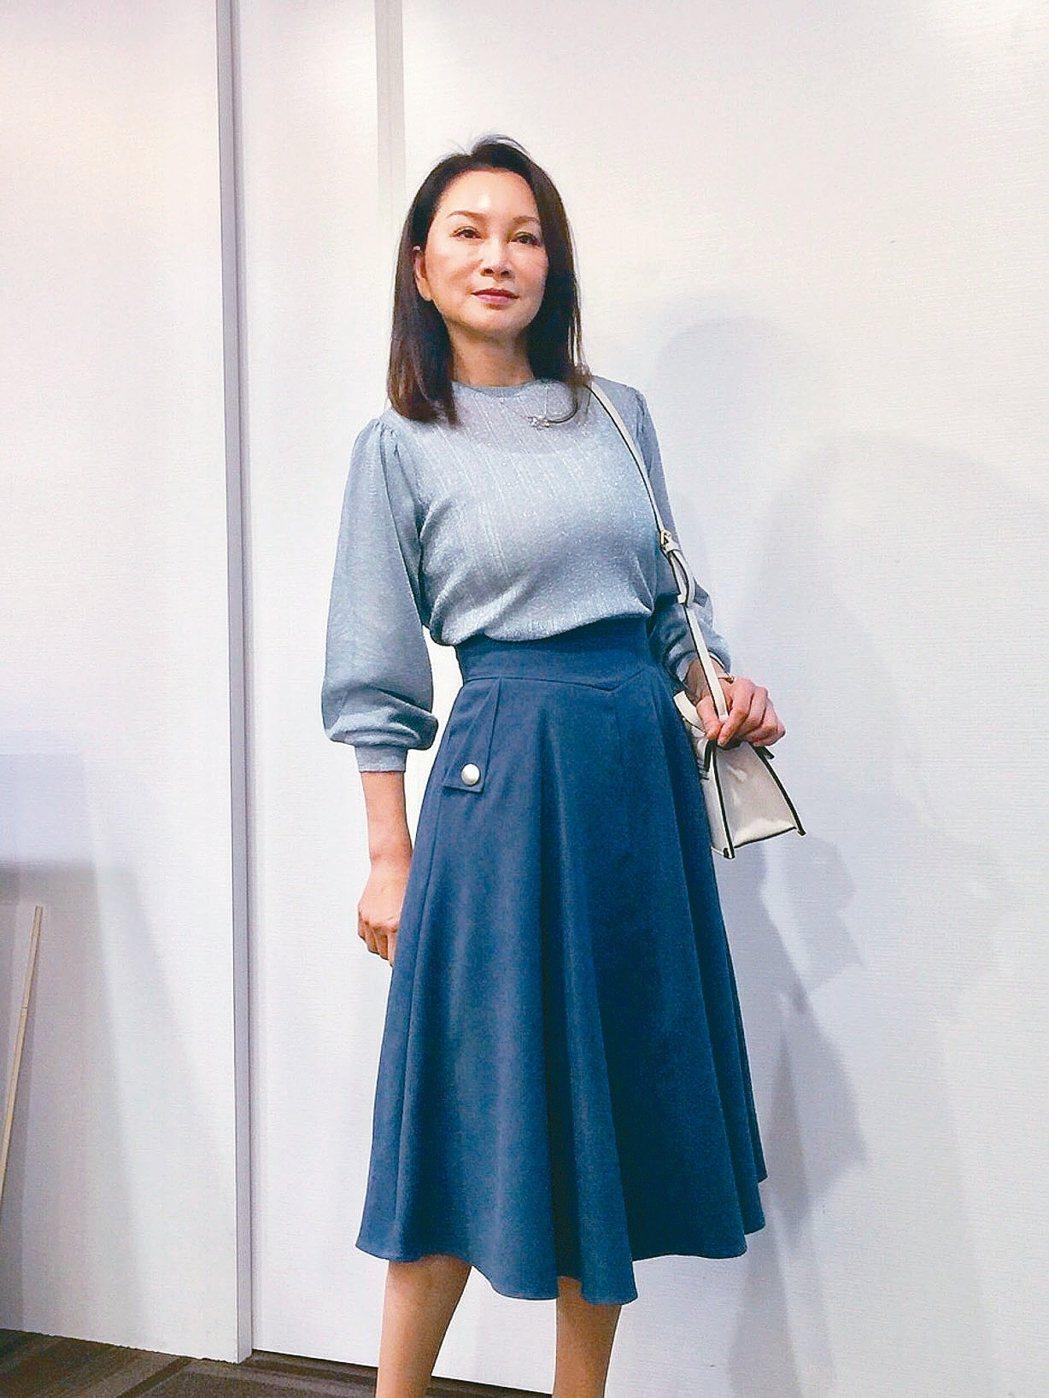 張瓊姿近期拍新戲「粉紅色時光」。 圖/九玖經紀提供